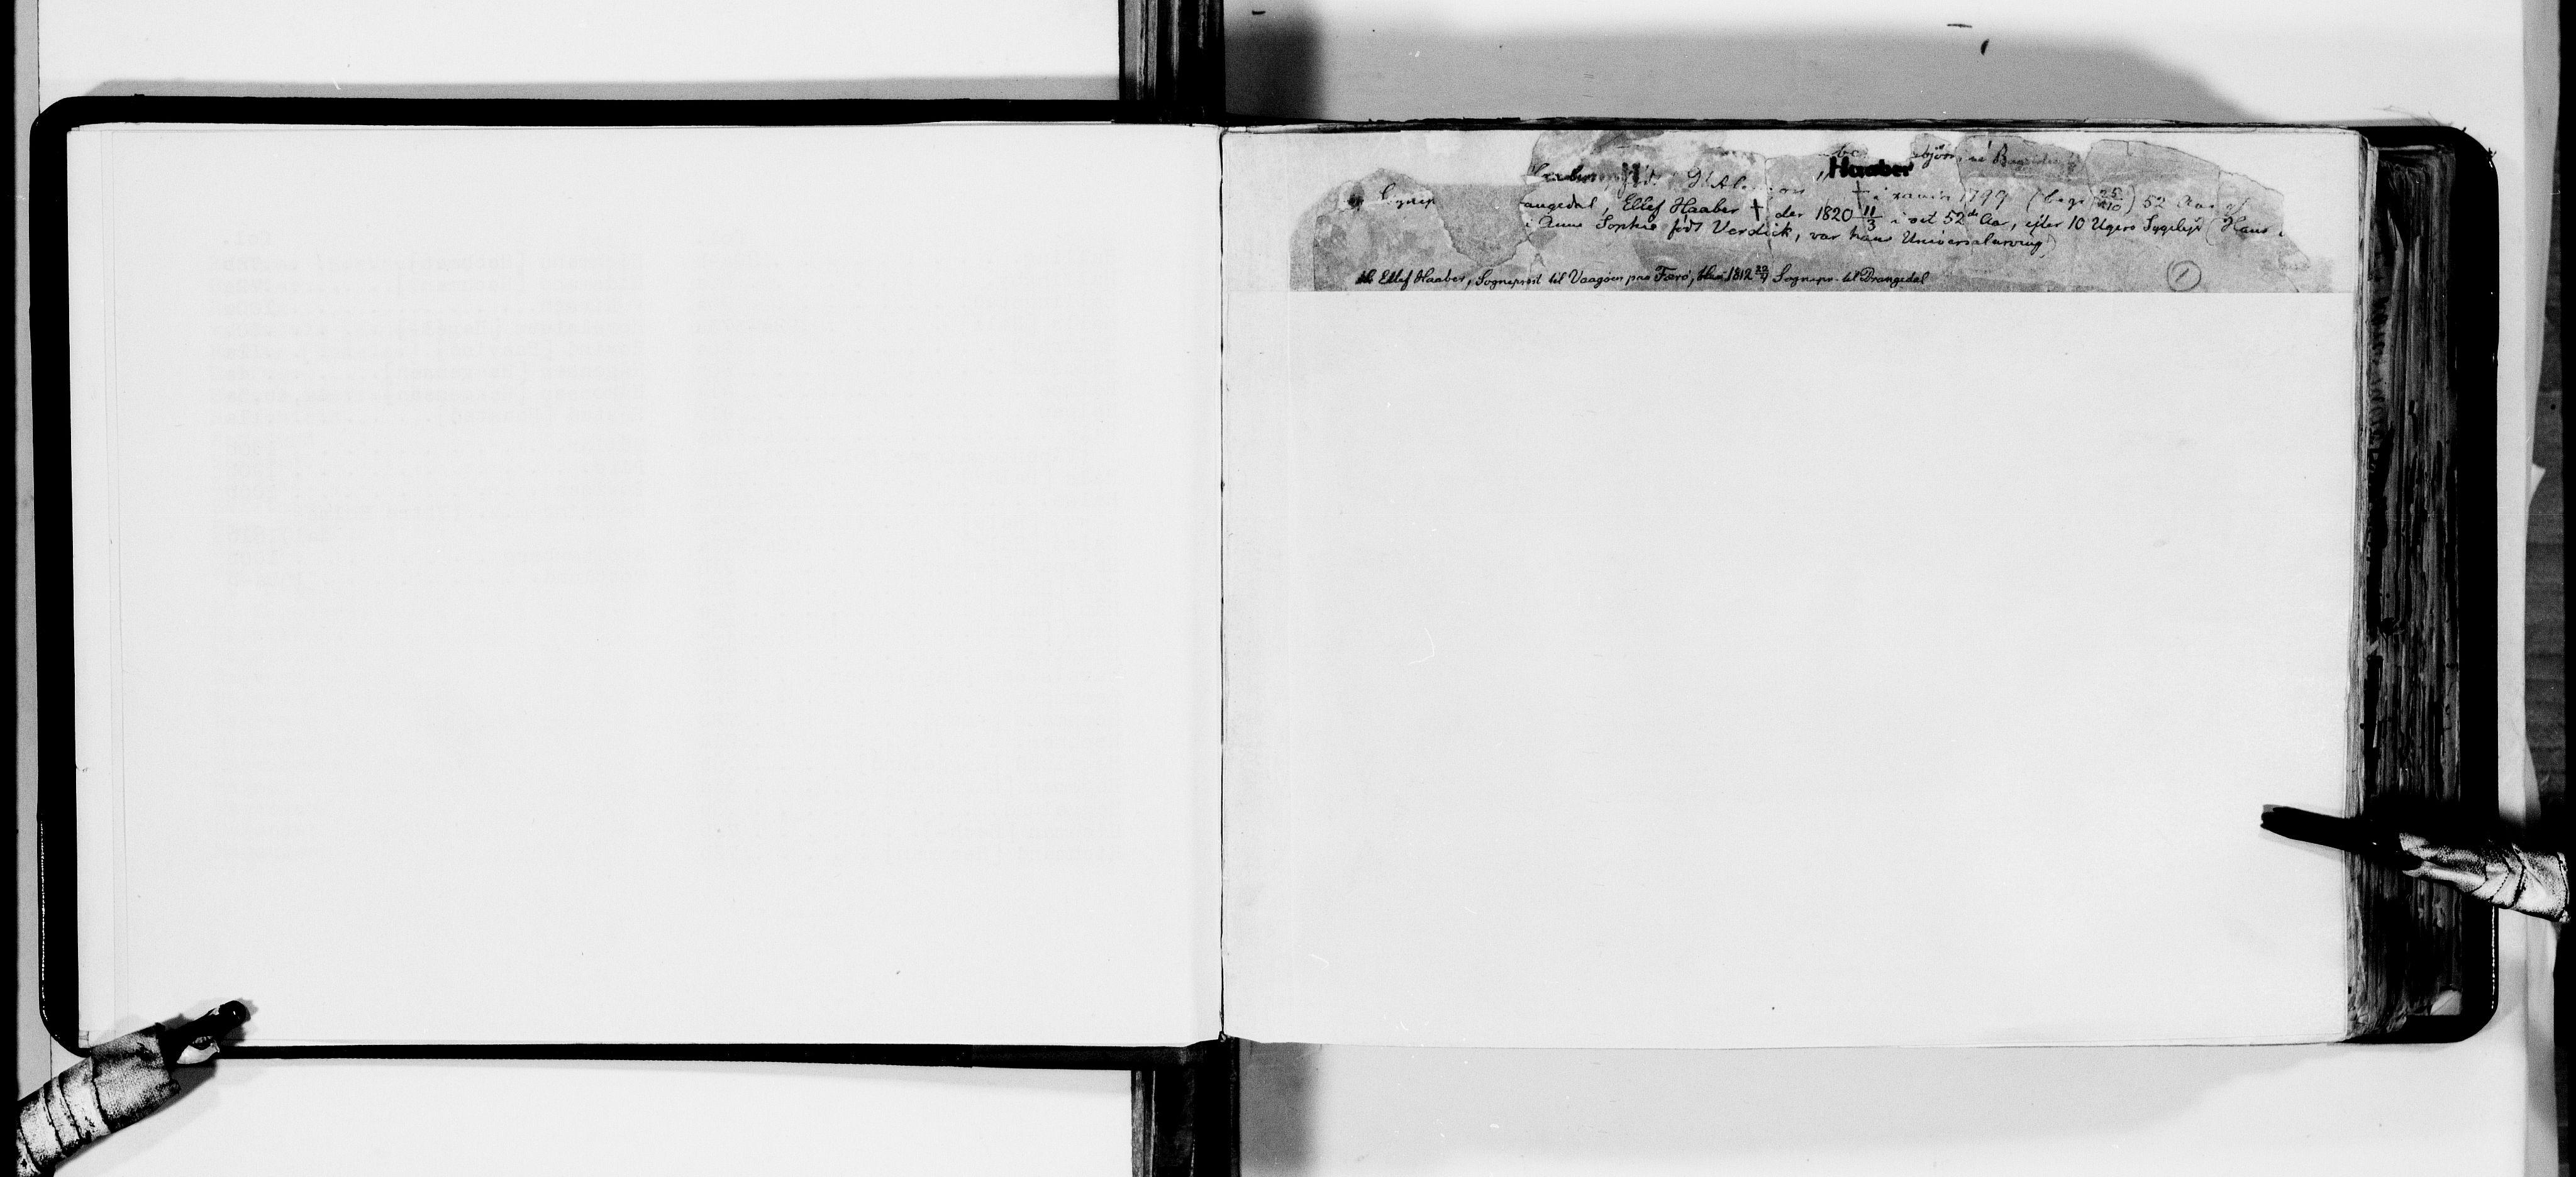 RA, Lassens samlinger, F/Fa, s. 1